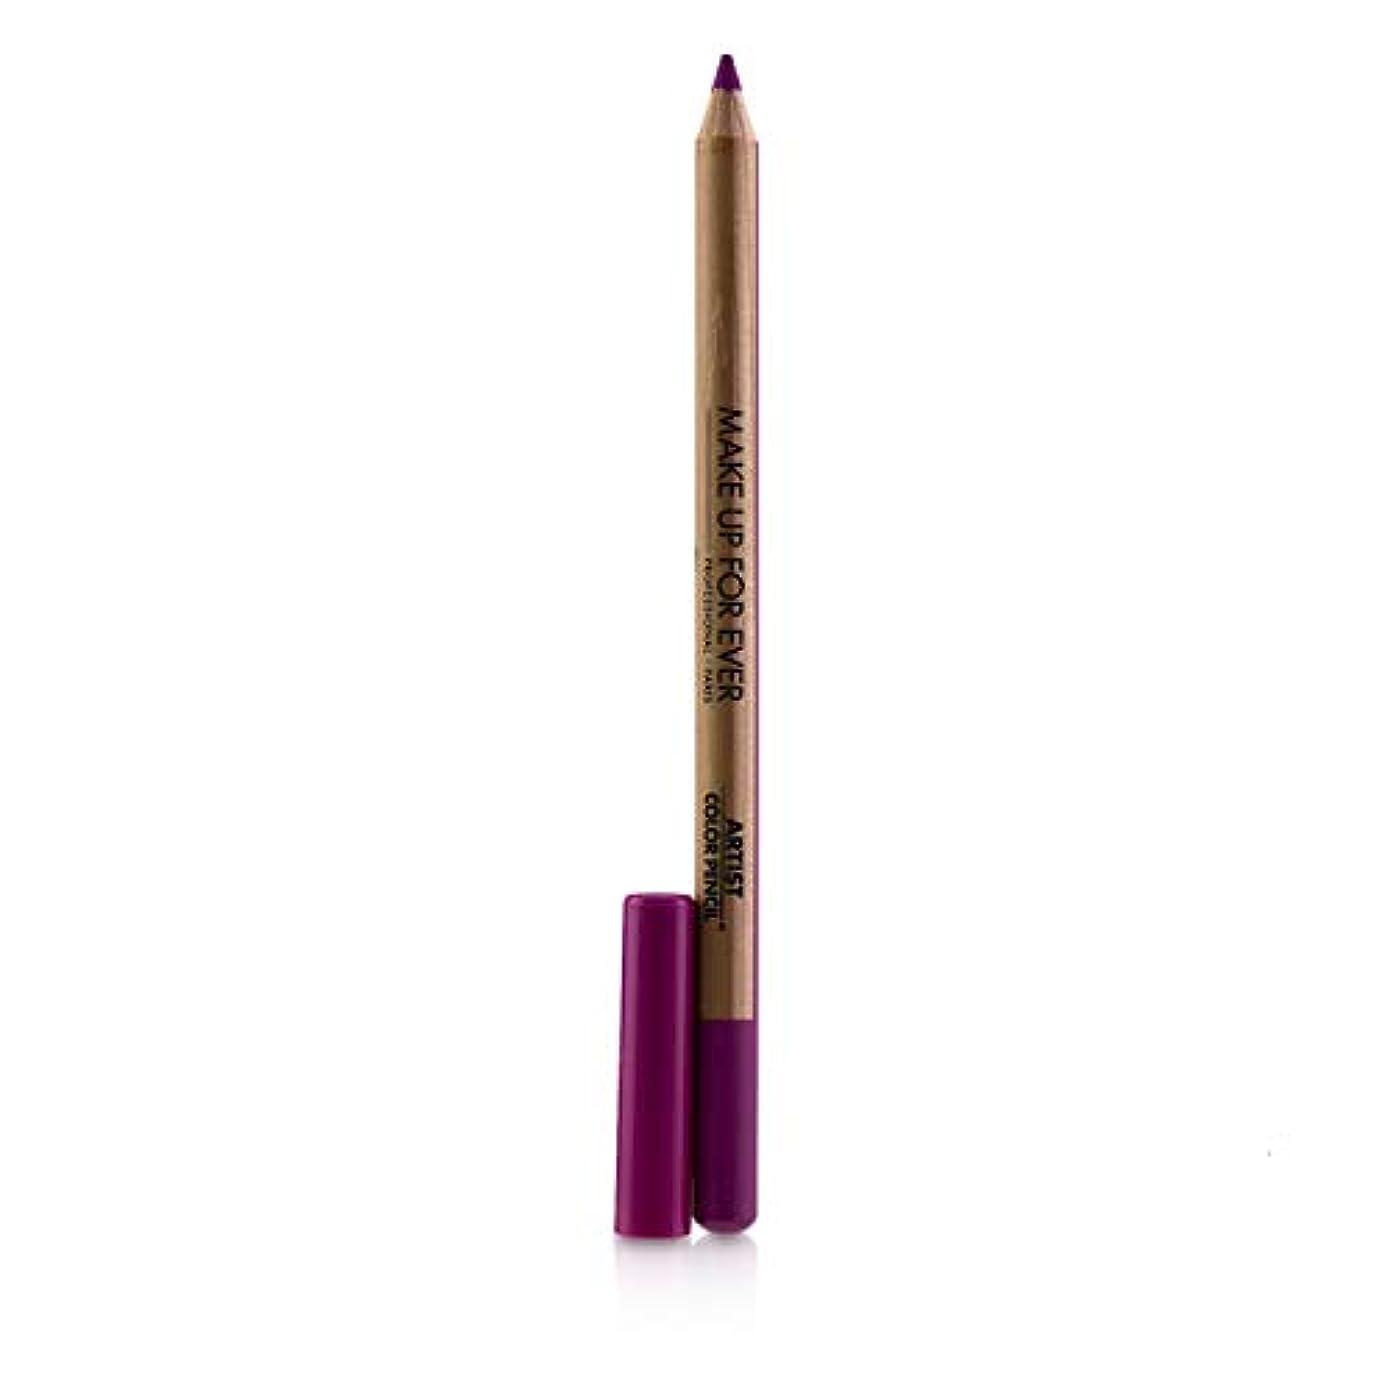 プレミアム存在する頑張るメイクアップフォーエバー Artist Color Pencil - # 812 Multi Pink 1.41g/0.04oz並行輸入品